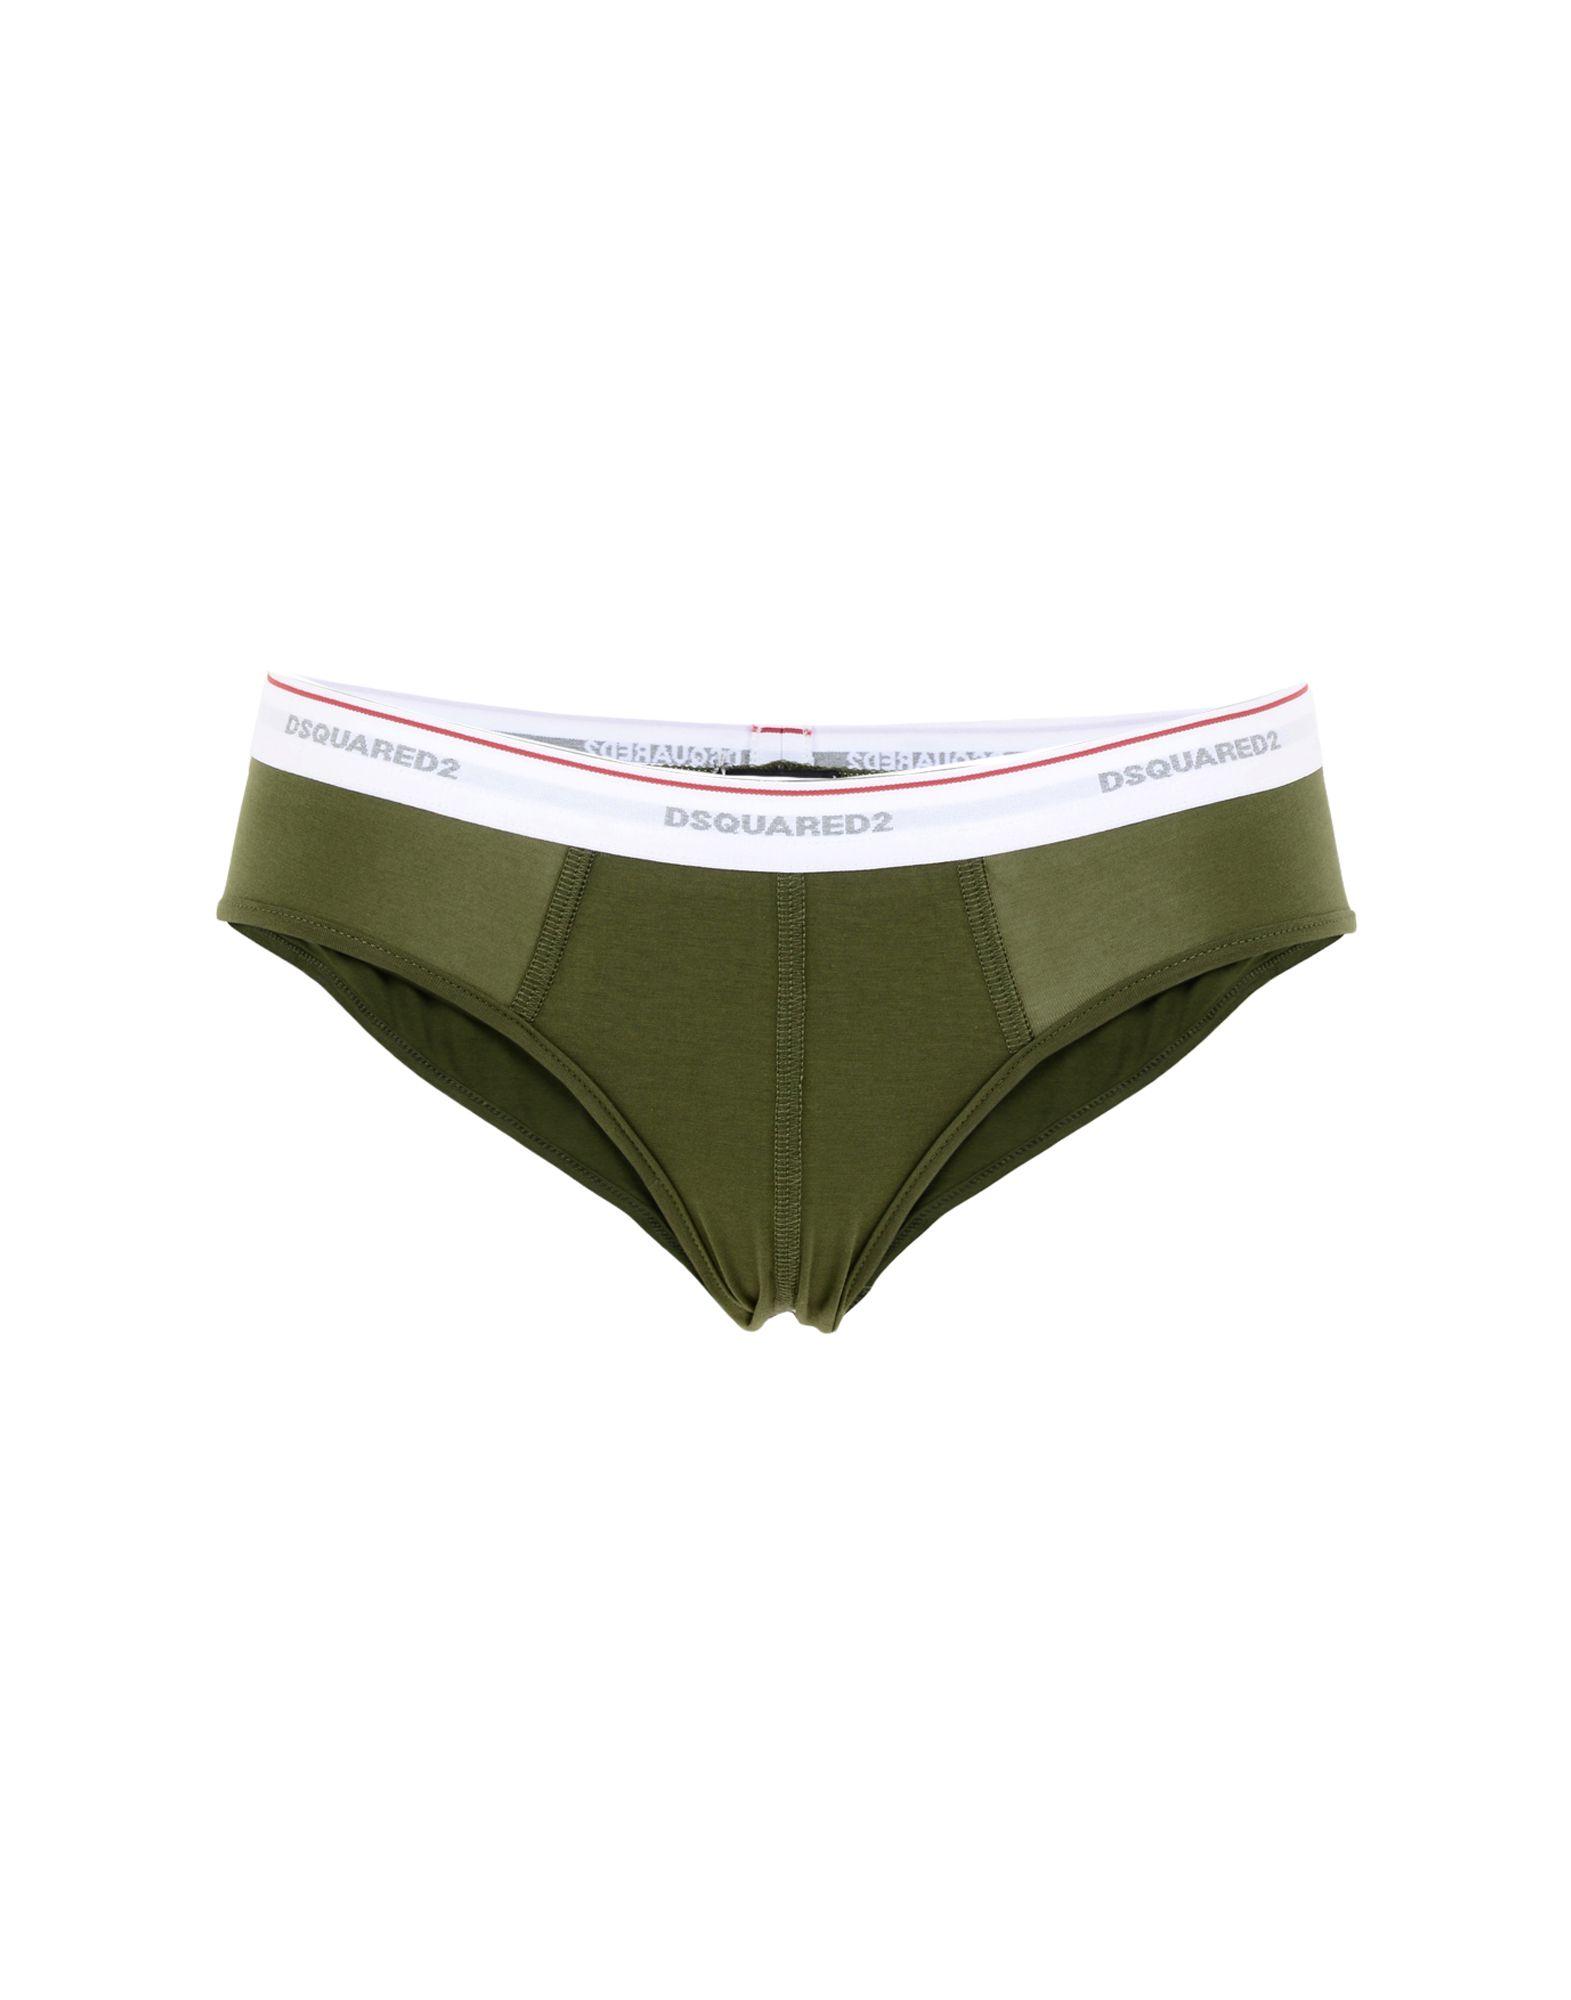 DSQUARED2 Damen Slip Farbe Militärgrün Größe 2